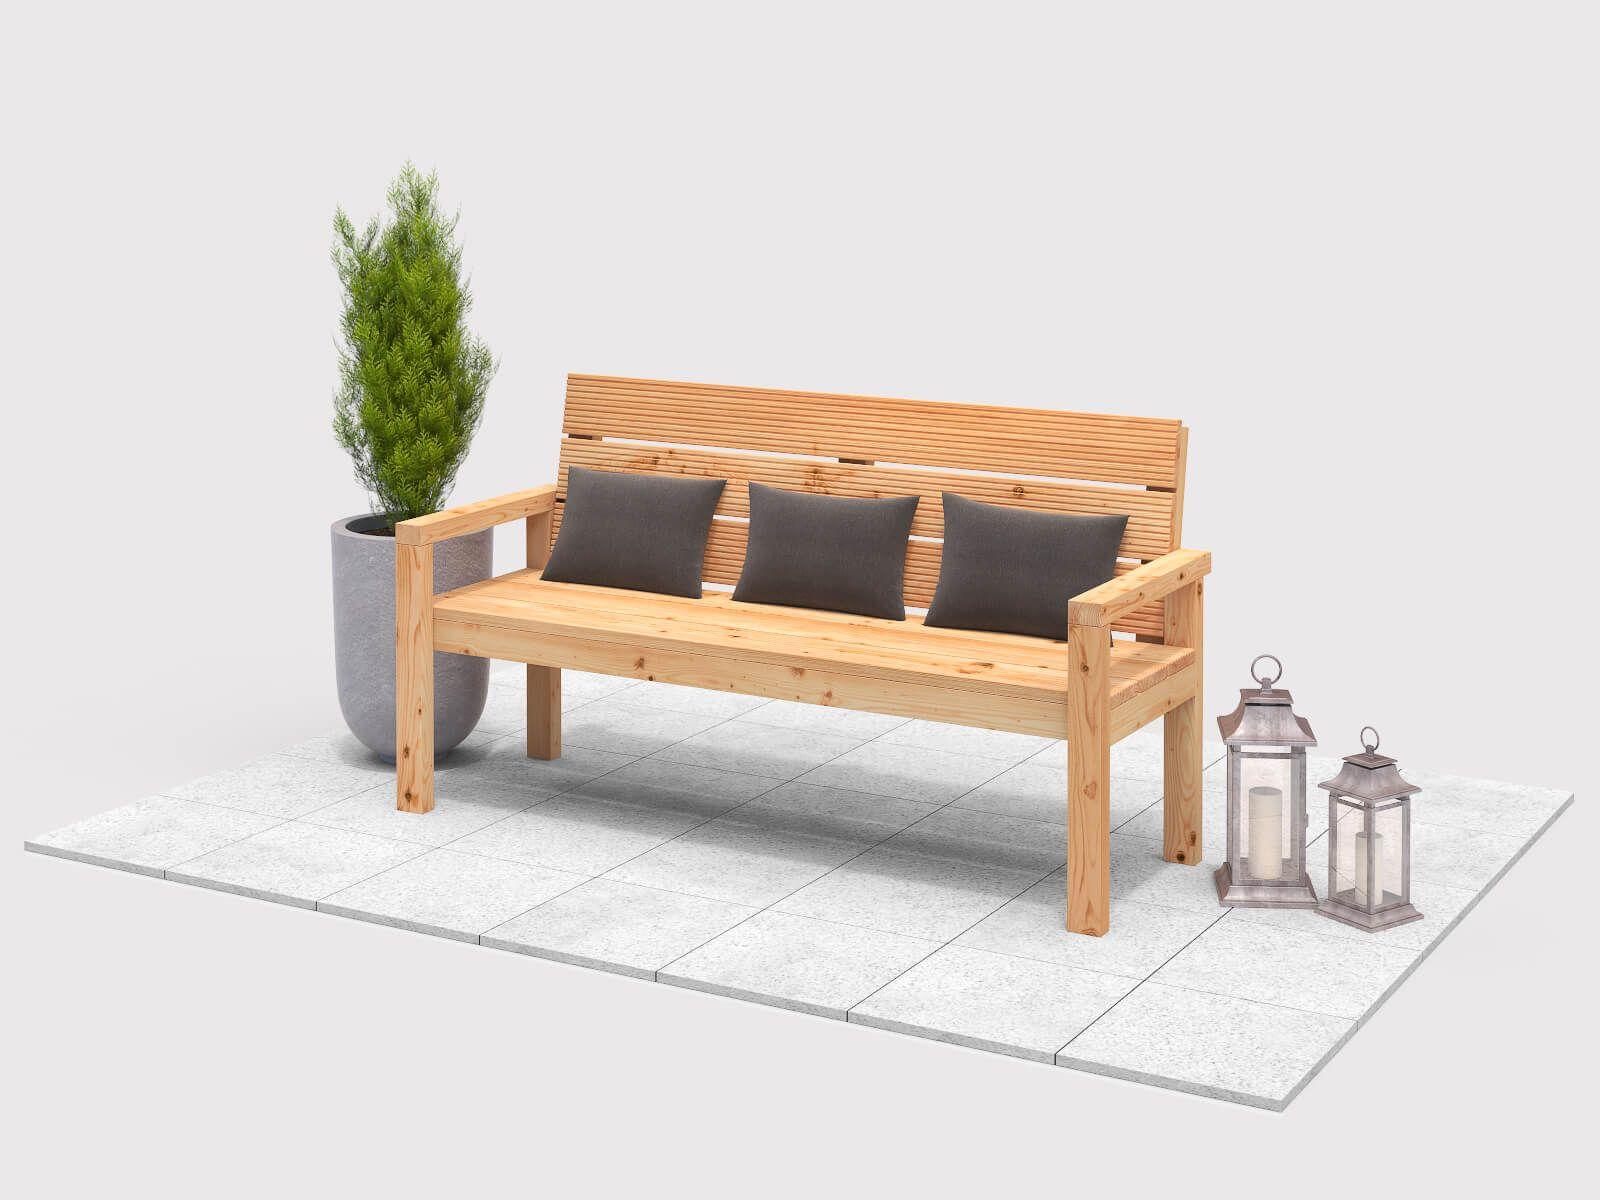 Gartenbank Georg selber bauen - Gartenmöbel | Gartenbank | Pinterest